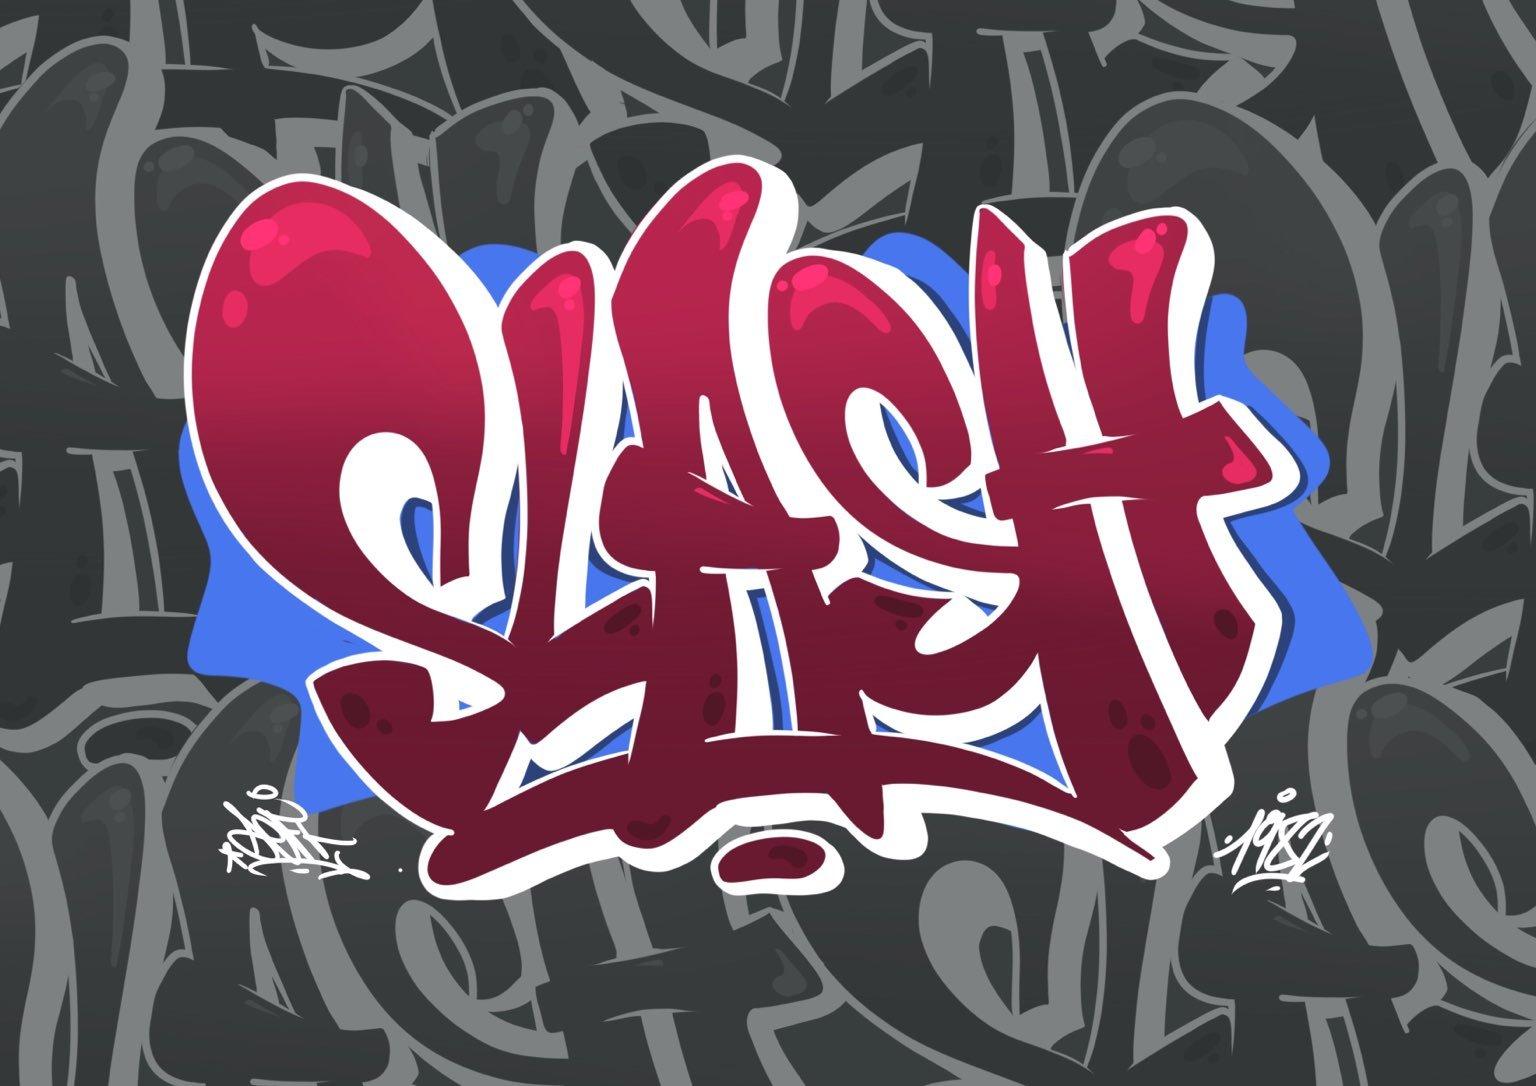 slash-graffiti-hb-2021